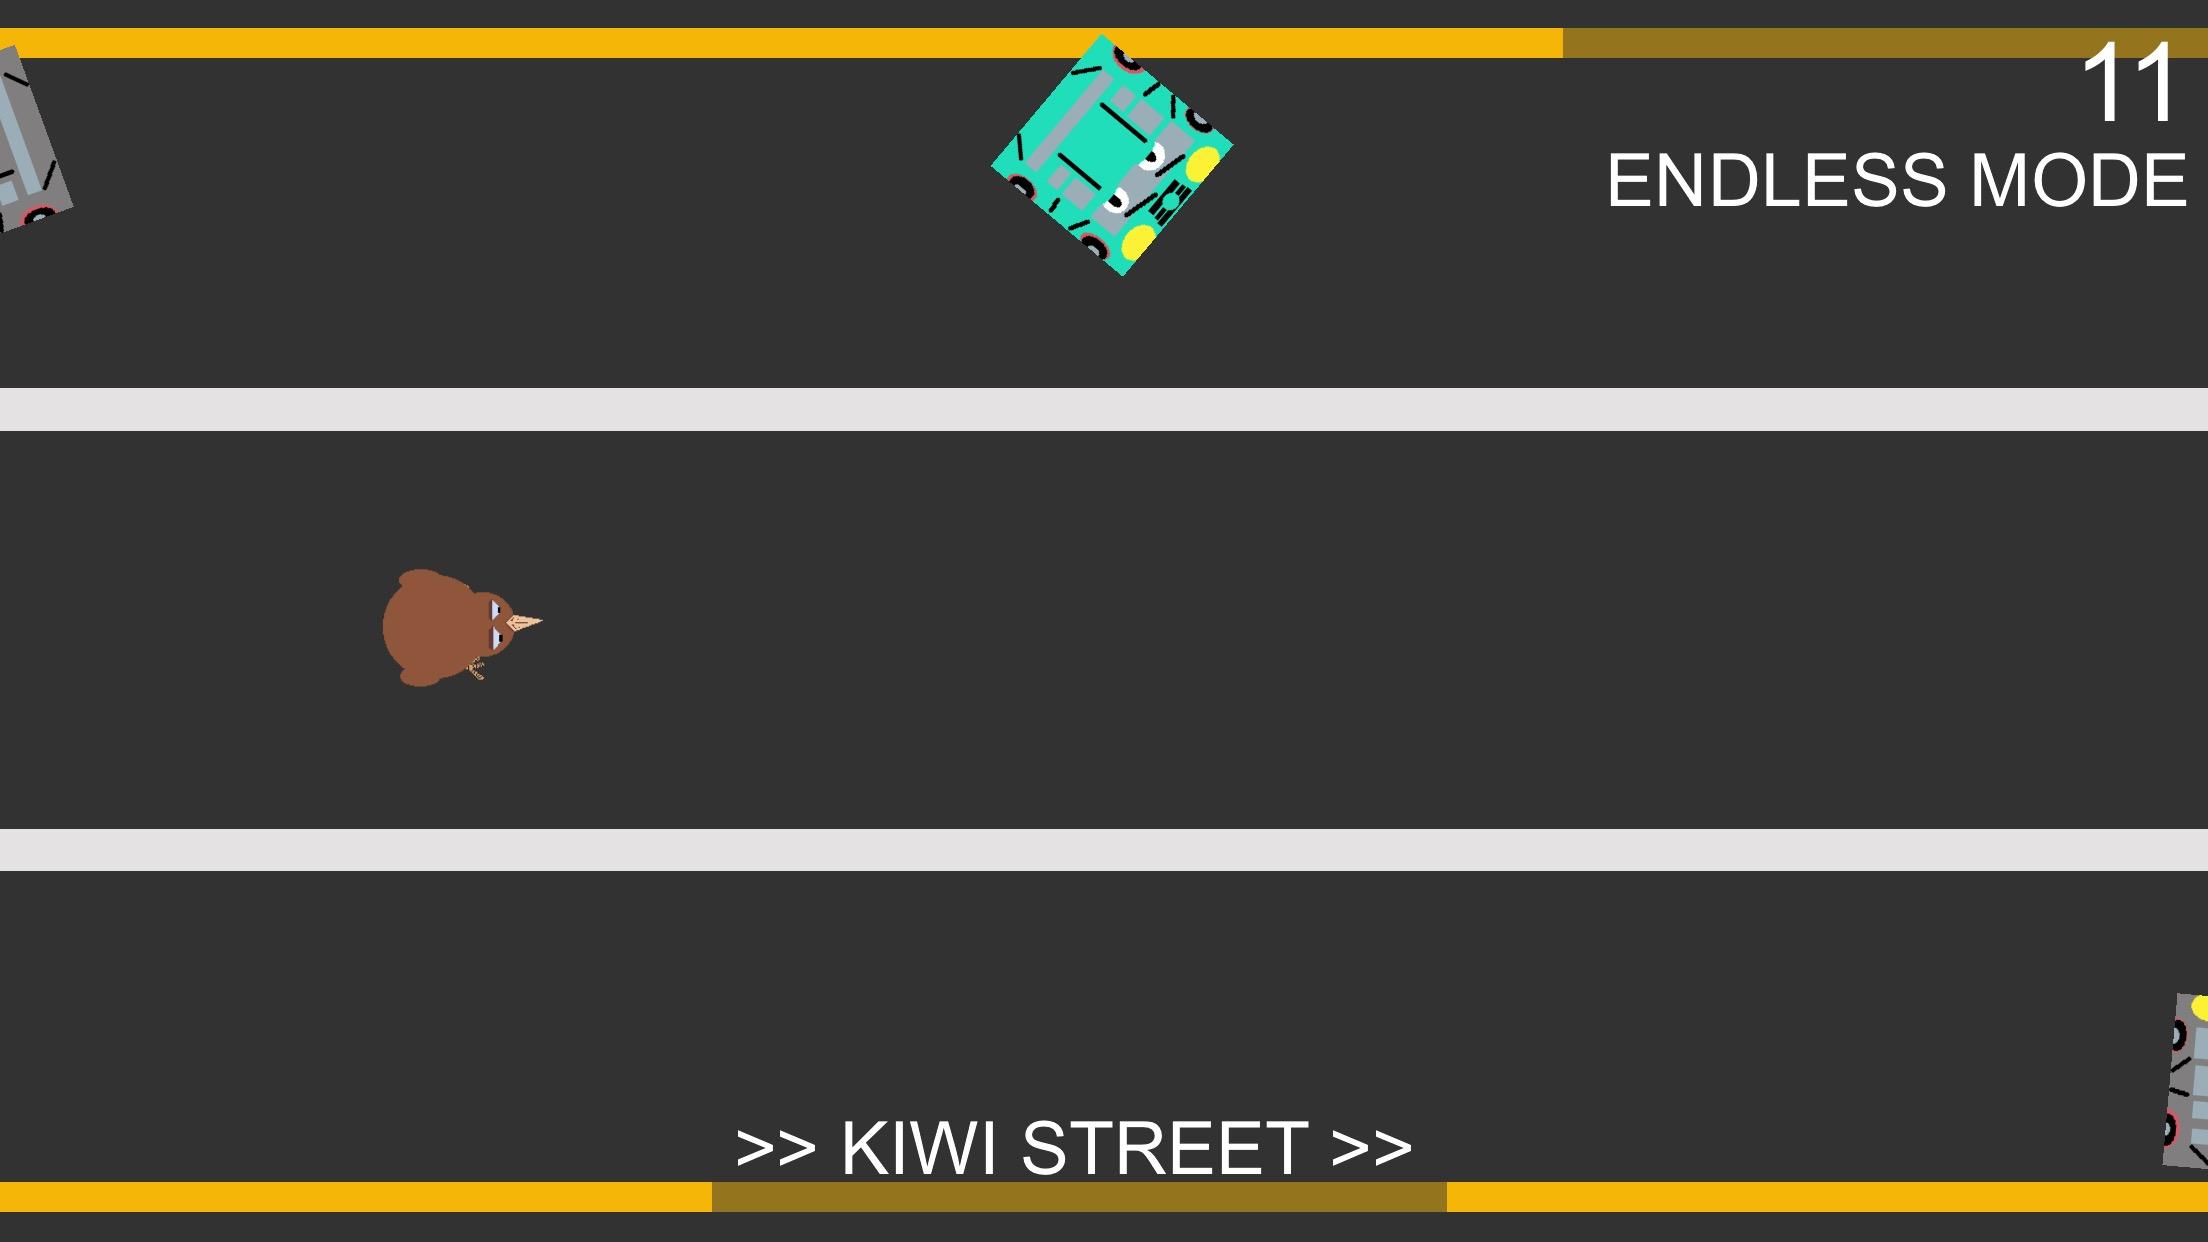 KiwiStreet